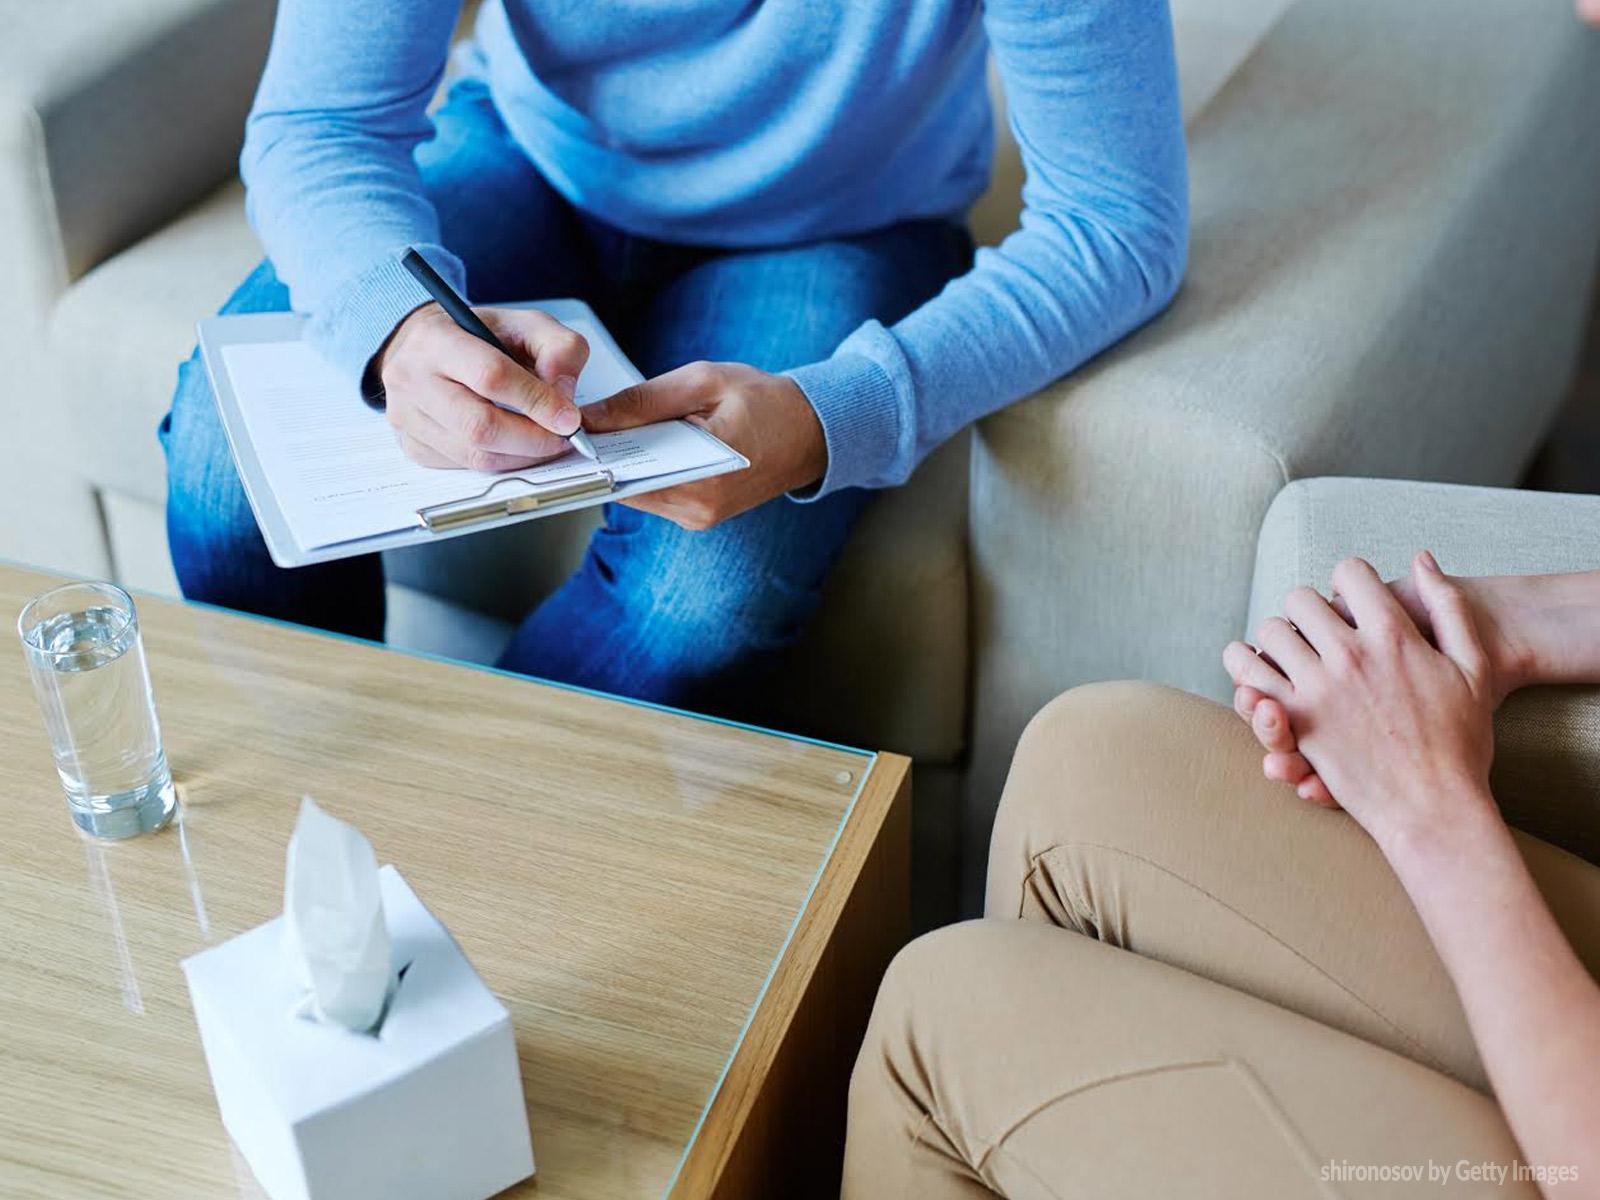 Psicólogo, uma ajuda para transpor problemas